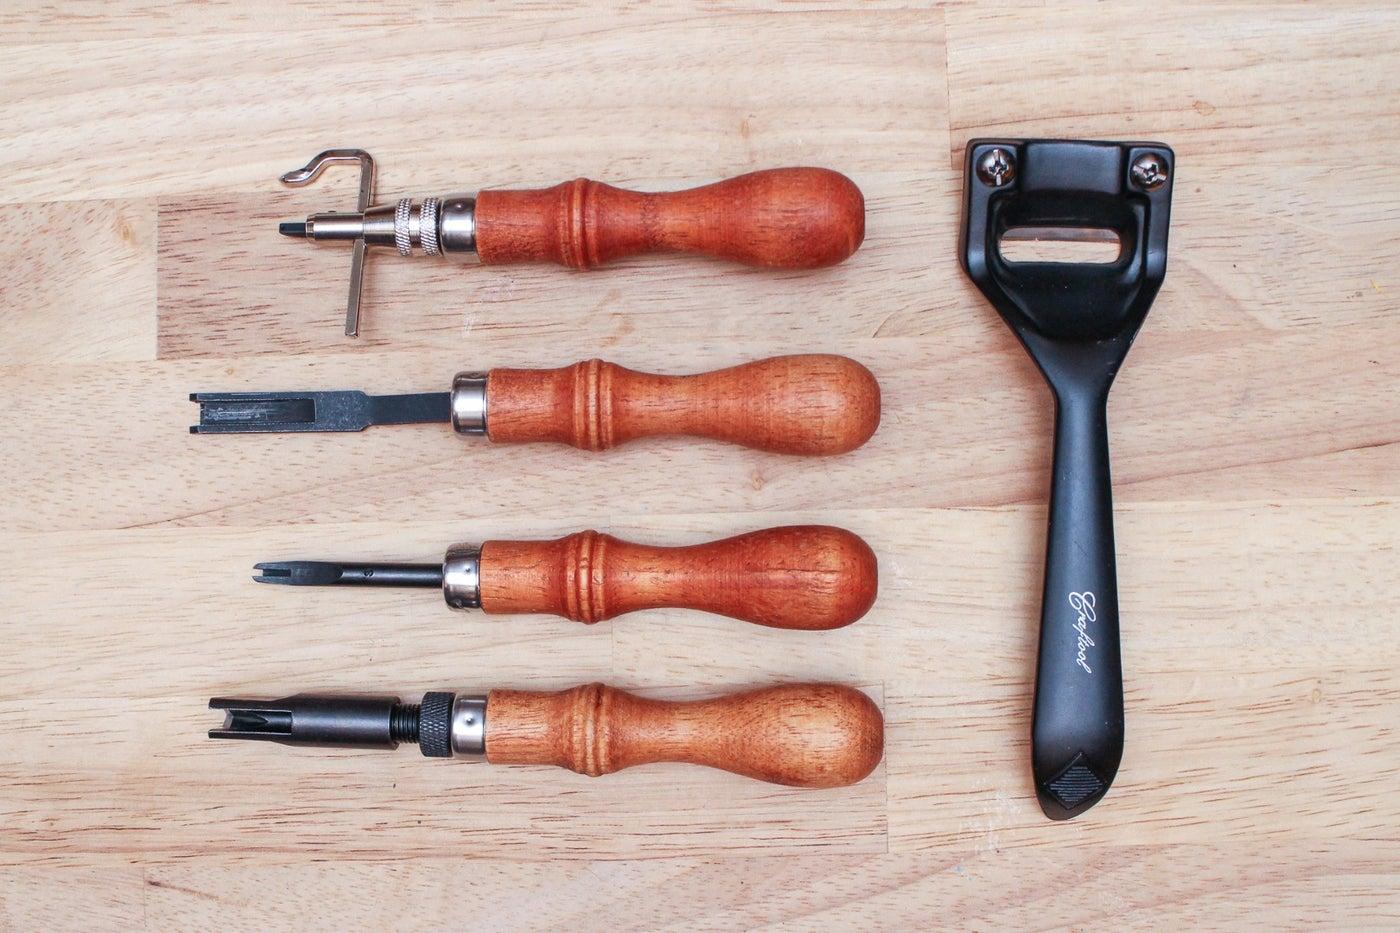 Subtractive Tools